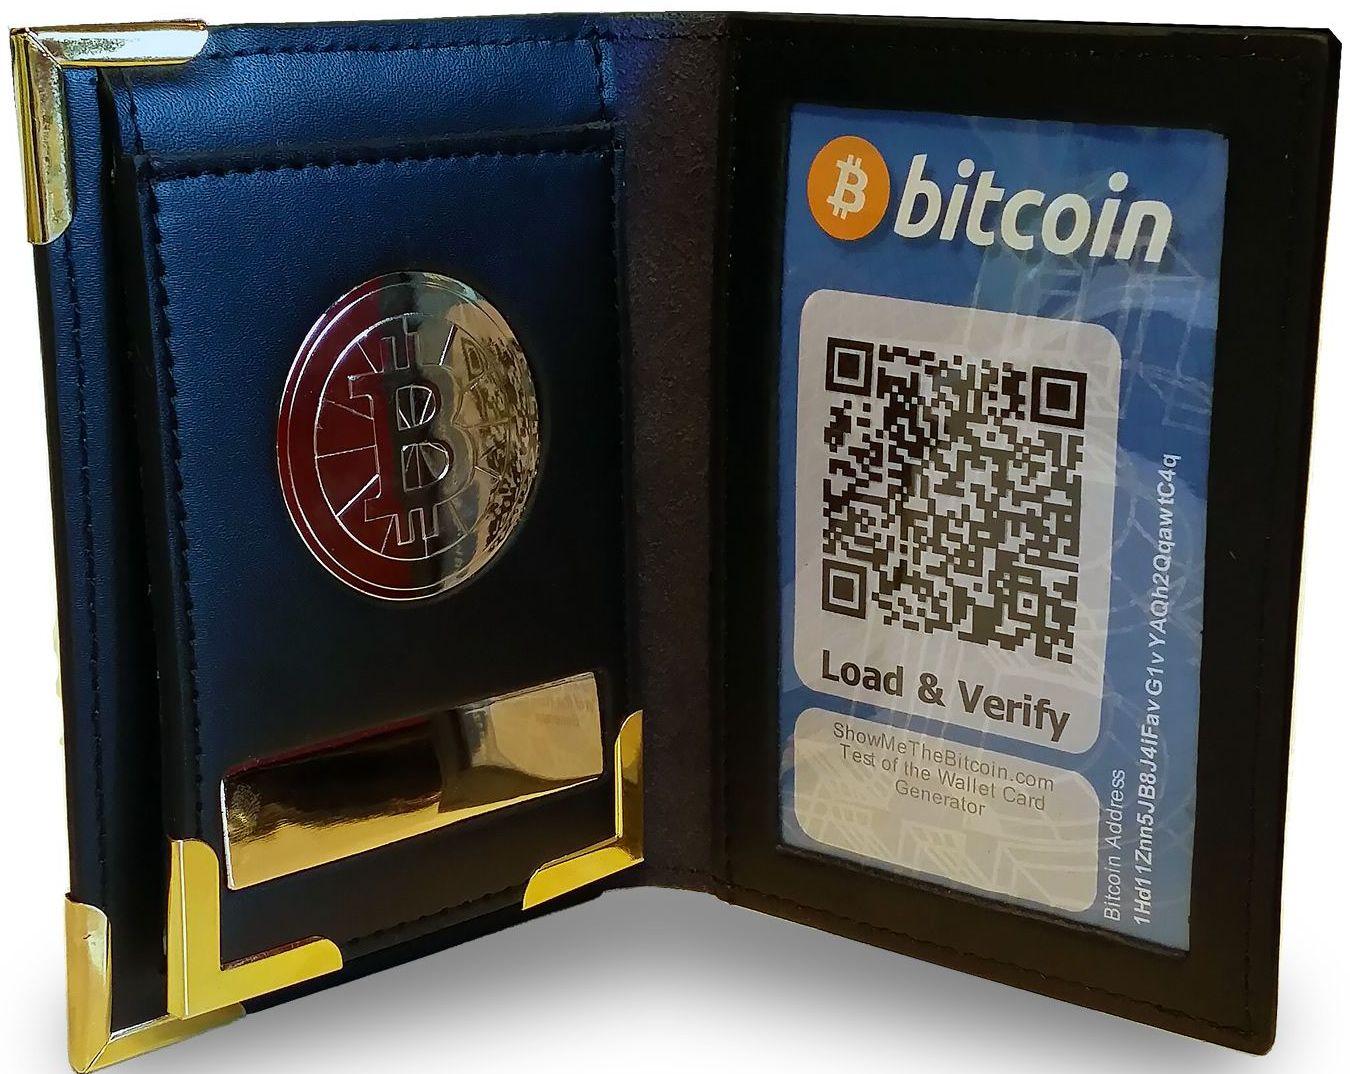 populiarios bitkoinų piniginės)